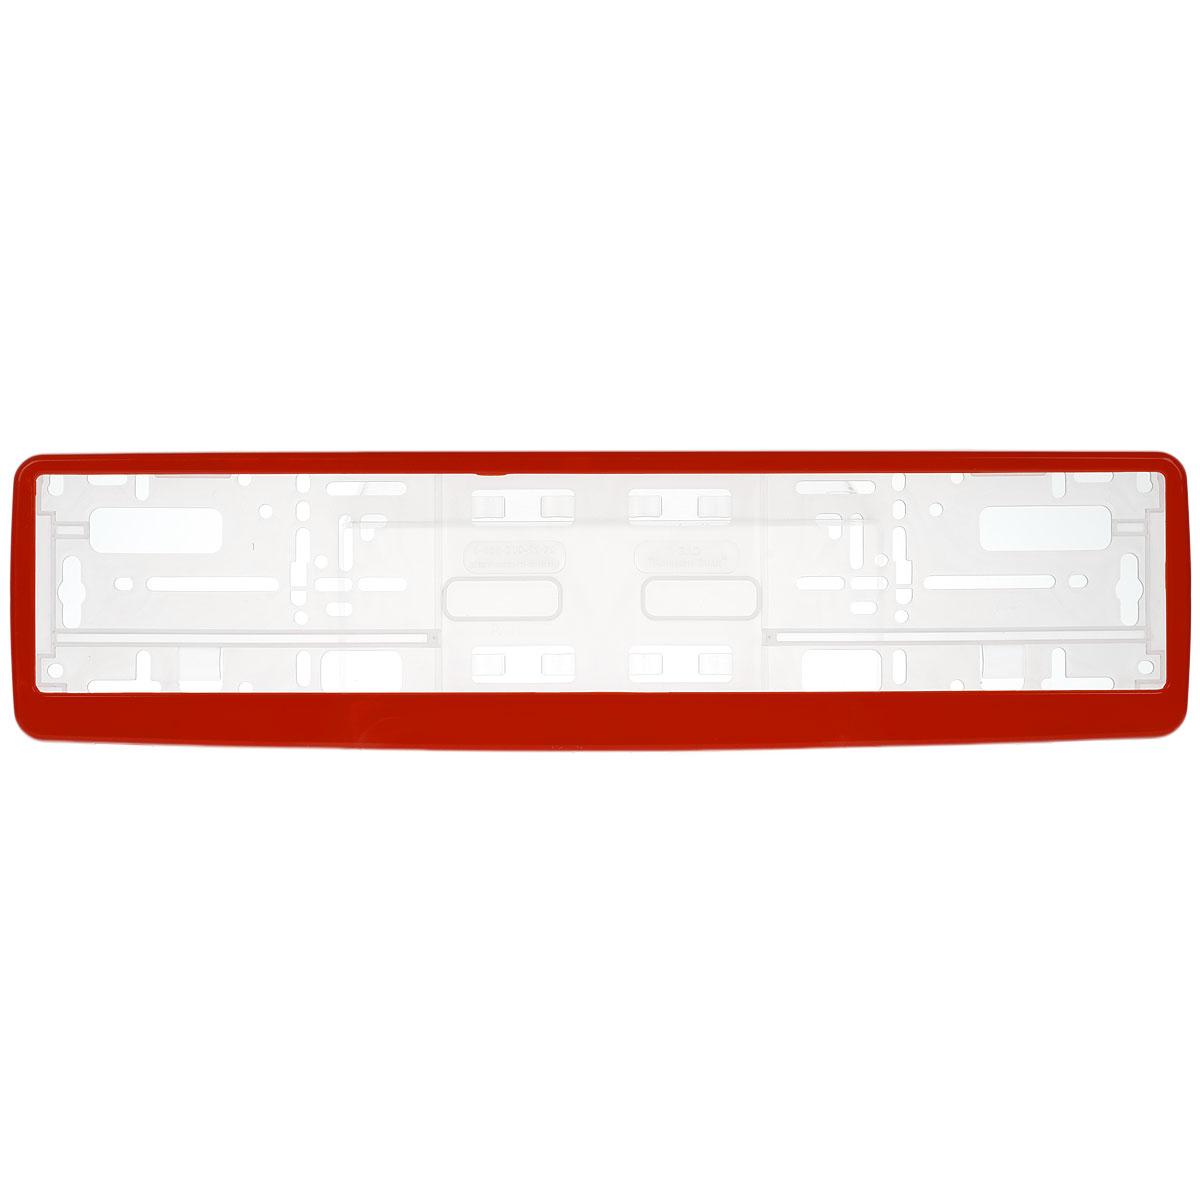 Рамка под номер Концерн Знак, цвет: красныйACL0006BРамка Концерн Знак не только закрепит регистрационный знак на вашем автомобиле, но и красиво его оформит. Основание рамки выполнено из полипропилена, материал лицевой панели - пластик.Она предназначена для крепления регистрационного знака российского и европейского образца. Устанавливается на все типы автомобилей. Крепления в комплект не входят.Стильный дизайн идеально впишется в экстерьер вашего автомобиля.Размер рамки: 53,5 см х 13,5 см. Размер регистрационного знака: 52,5 см х 11,5 см.